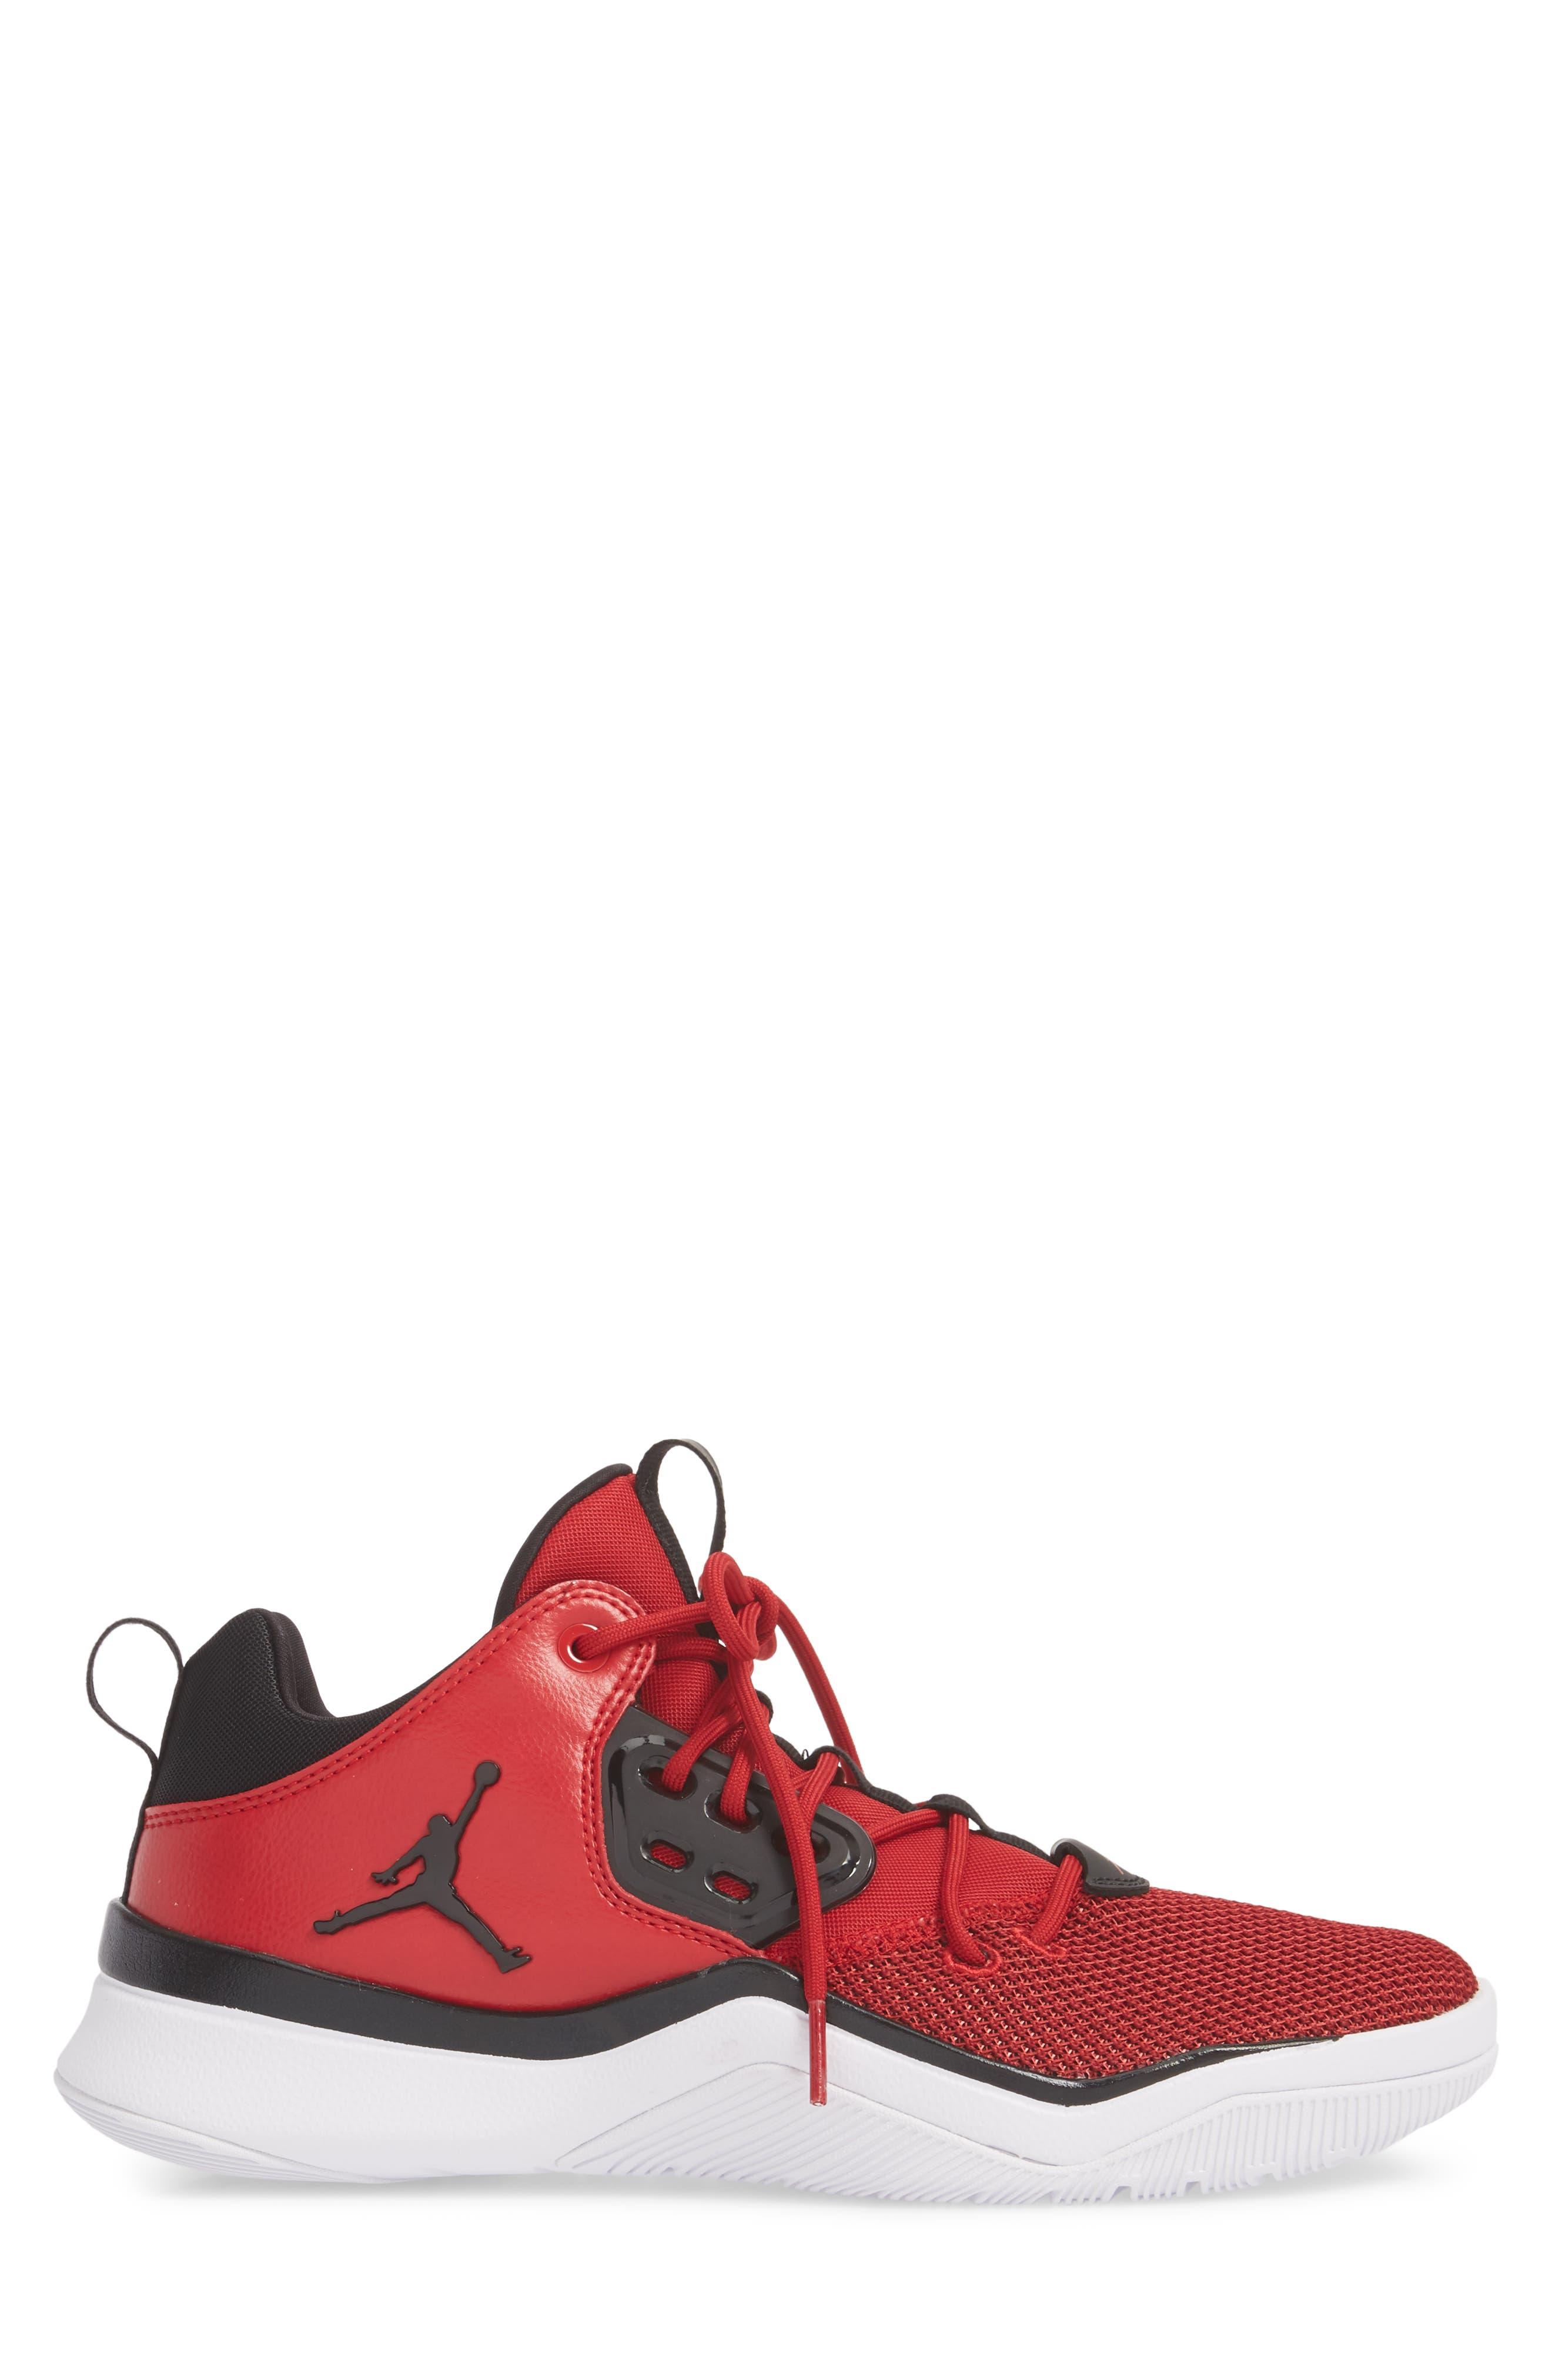 Jordan DNA Sneaker,                             Alternate thumbnail 3, color,                             Gym Red/ Black/ White